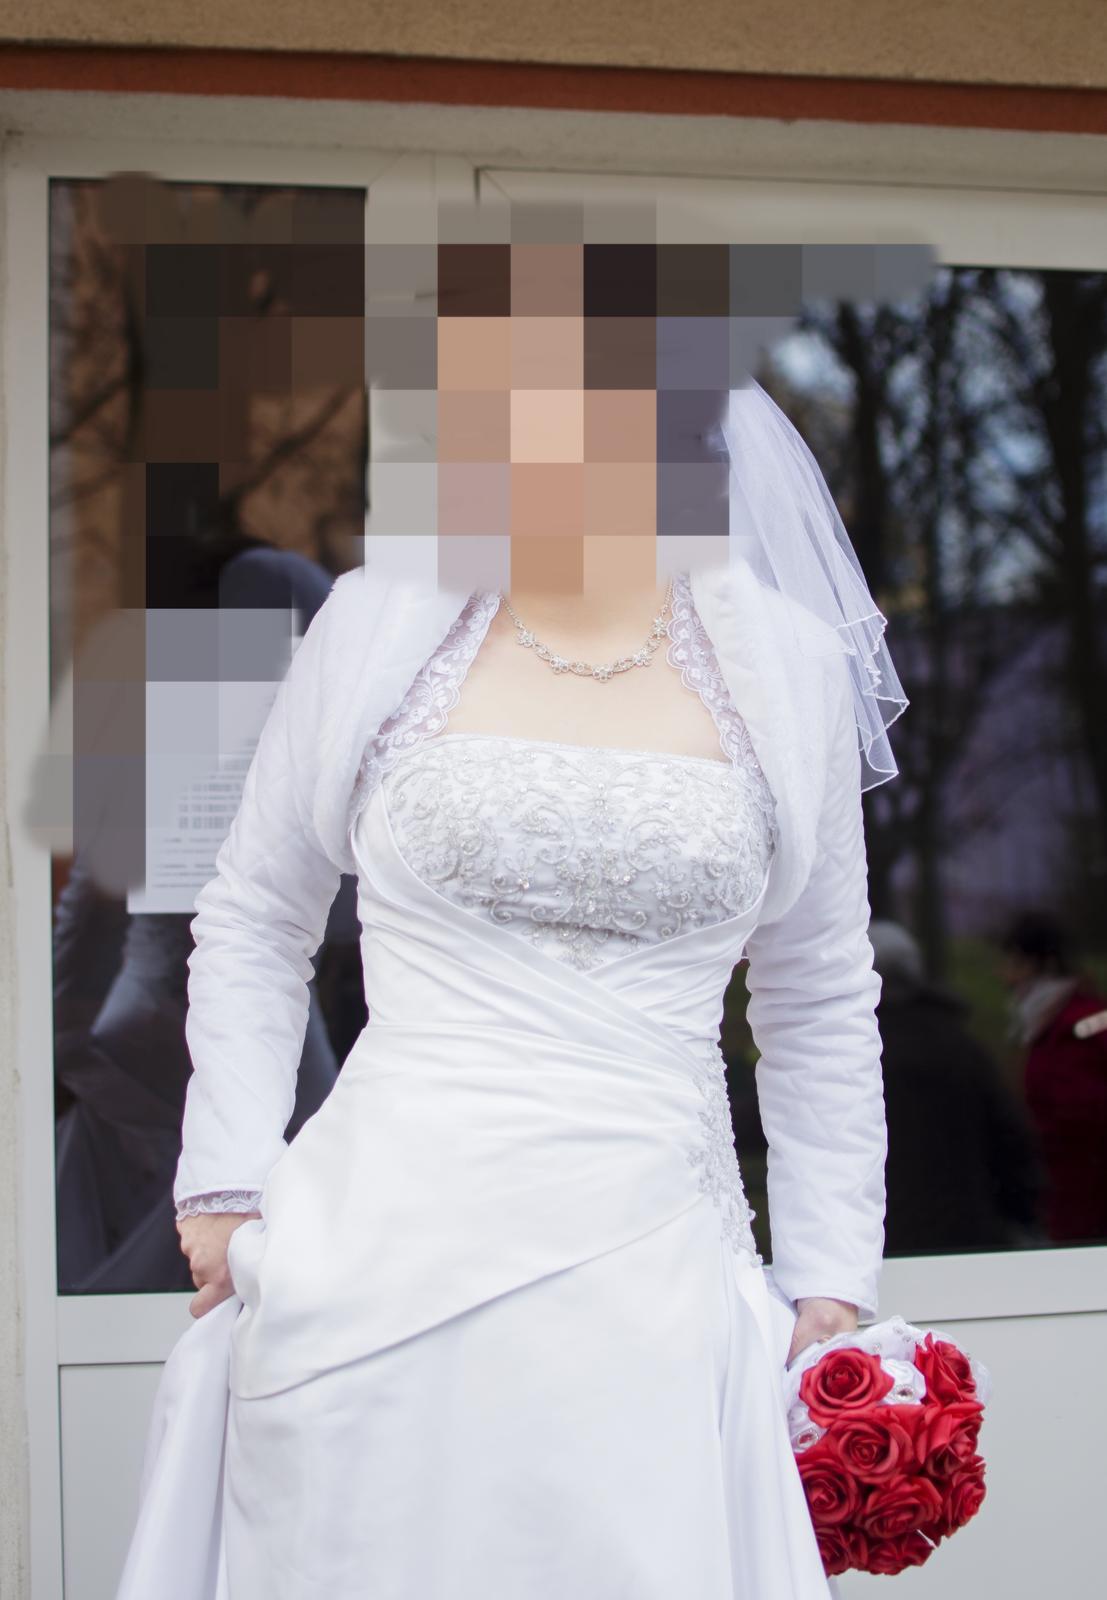 Svadobné šaty na viazanie 38-40 - Obrázok č. 1